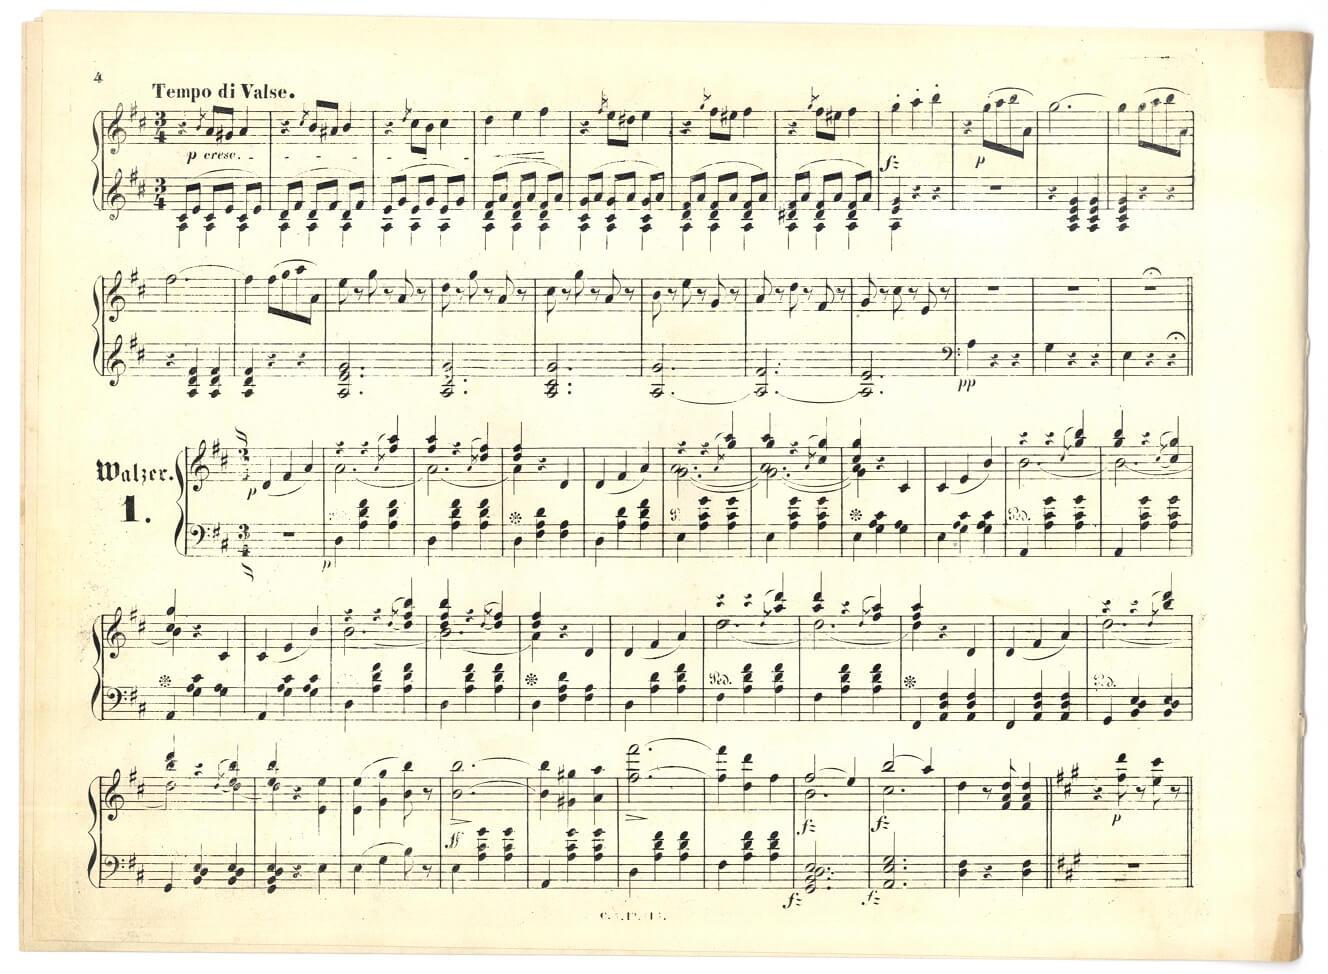 楽譜 - 美しき青きドナウ - 楽譜